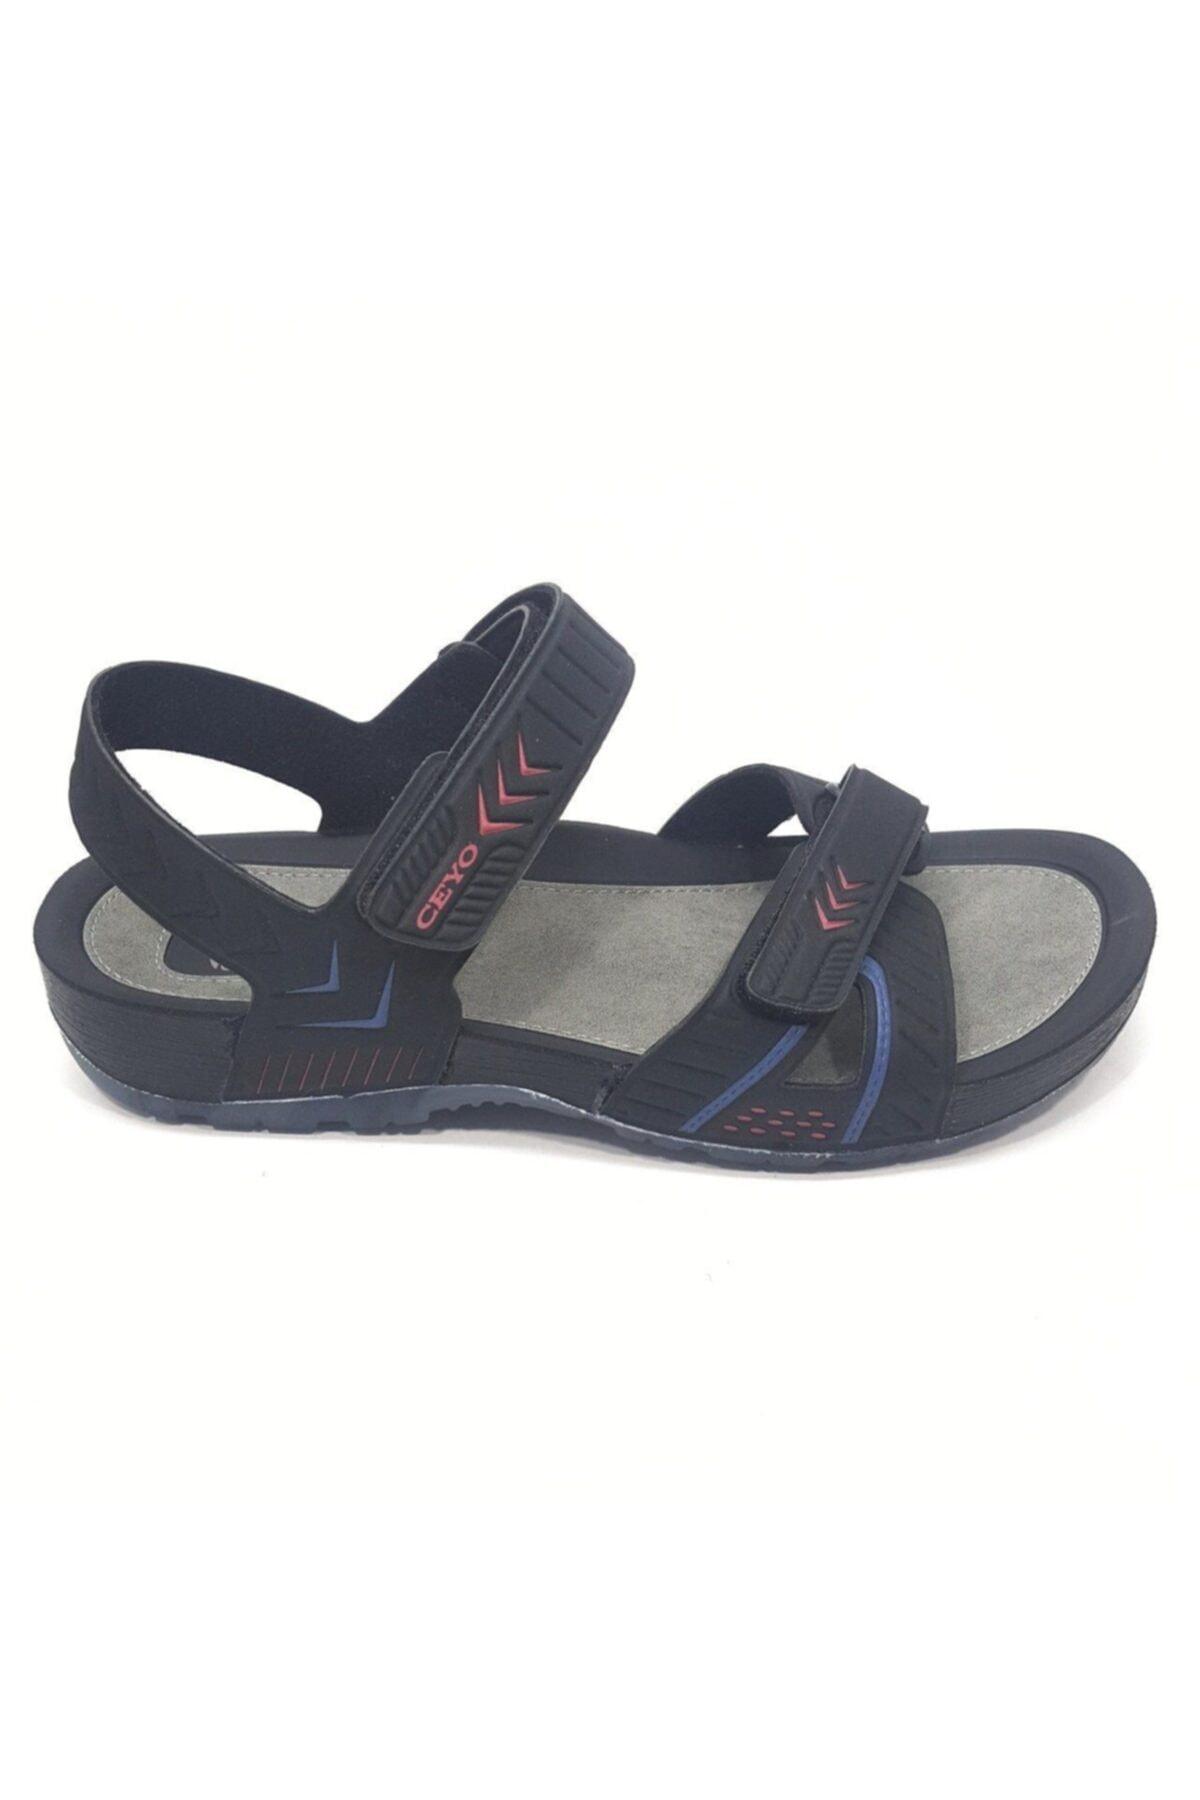 Ceyo 9829 Siyah Kırmızı Erkek Anatomik Sandalet 1